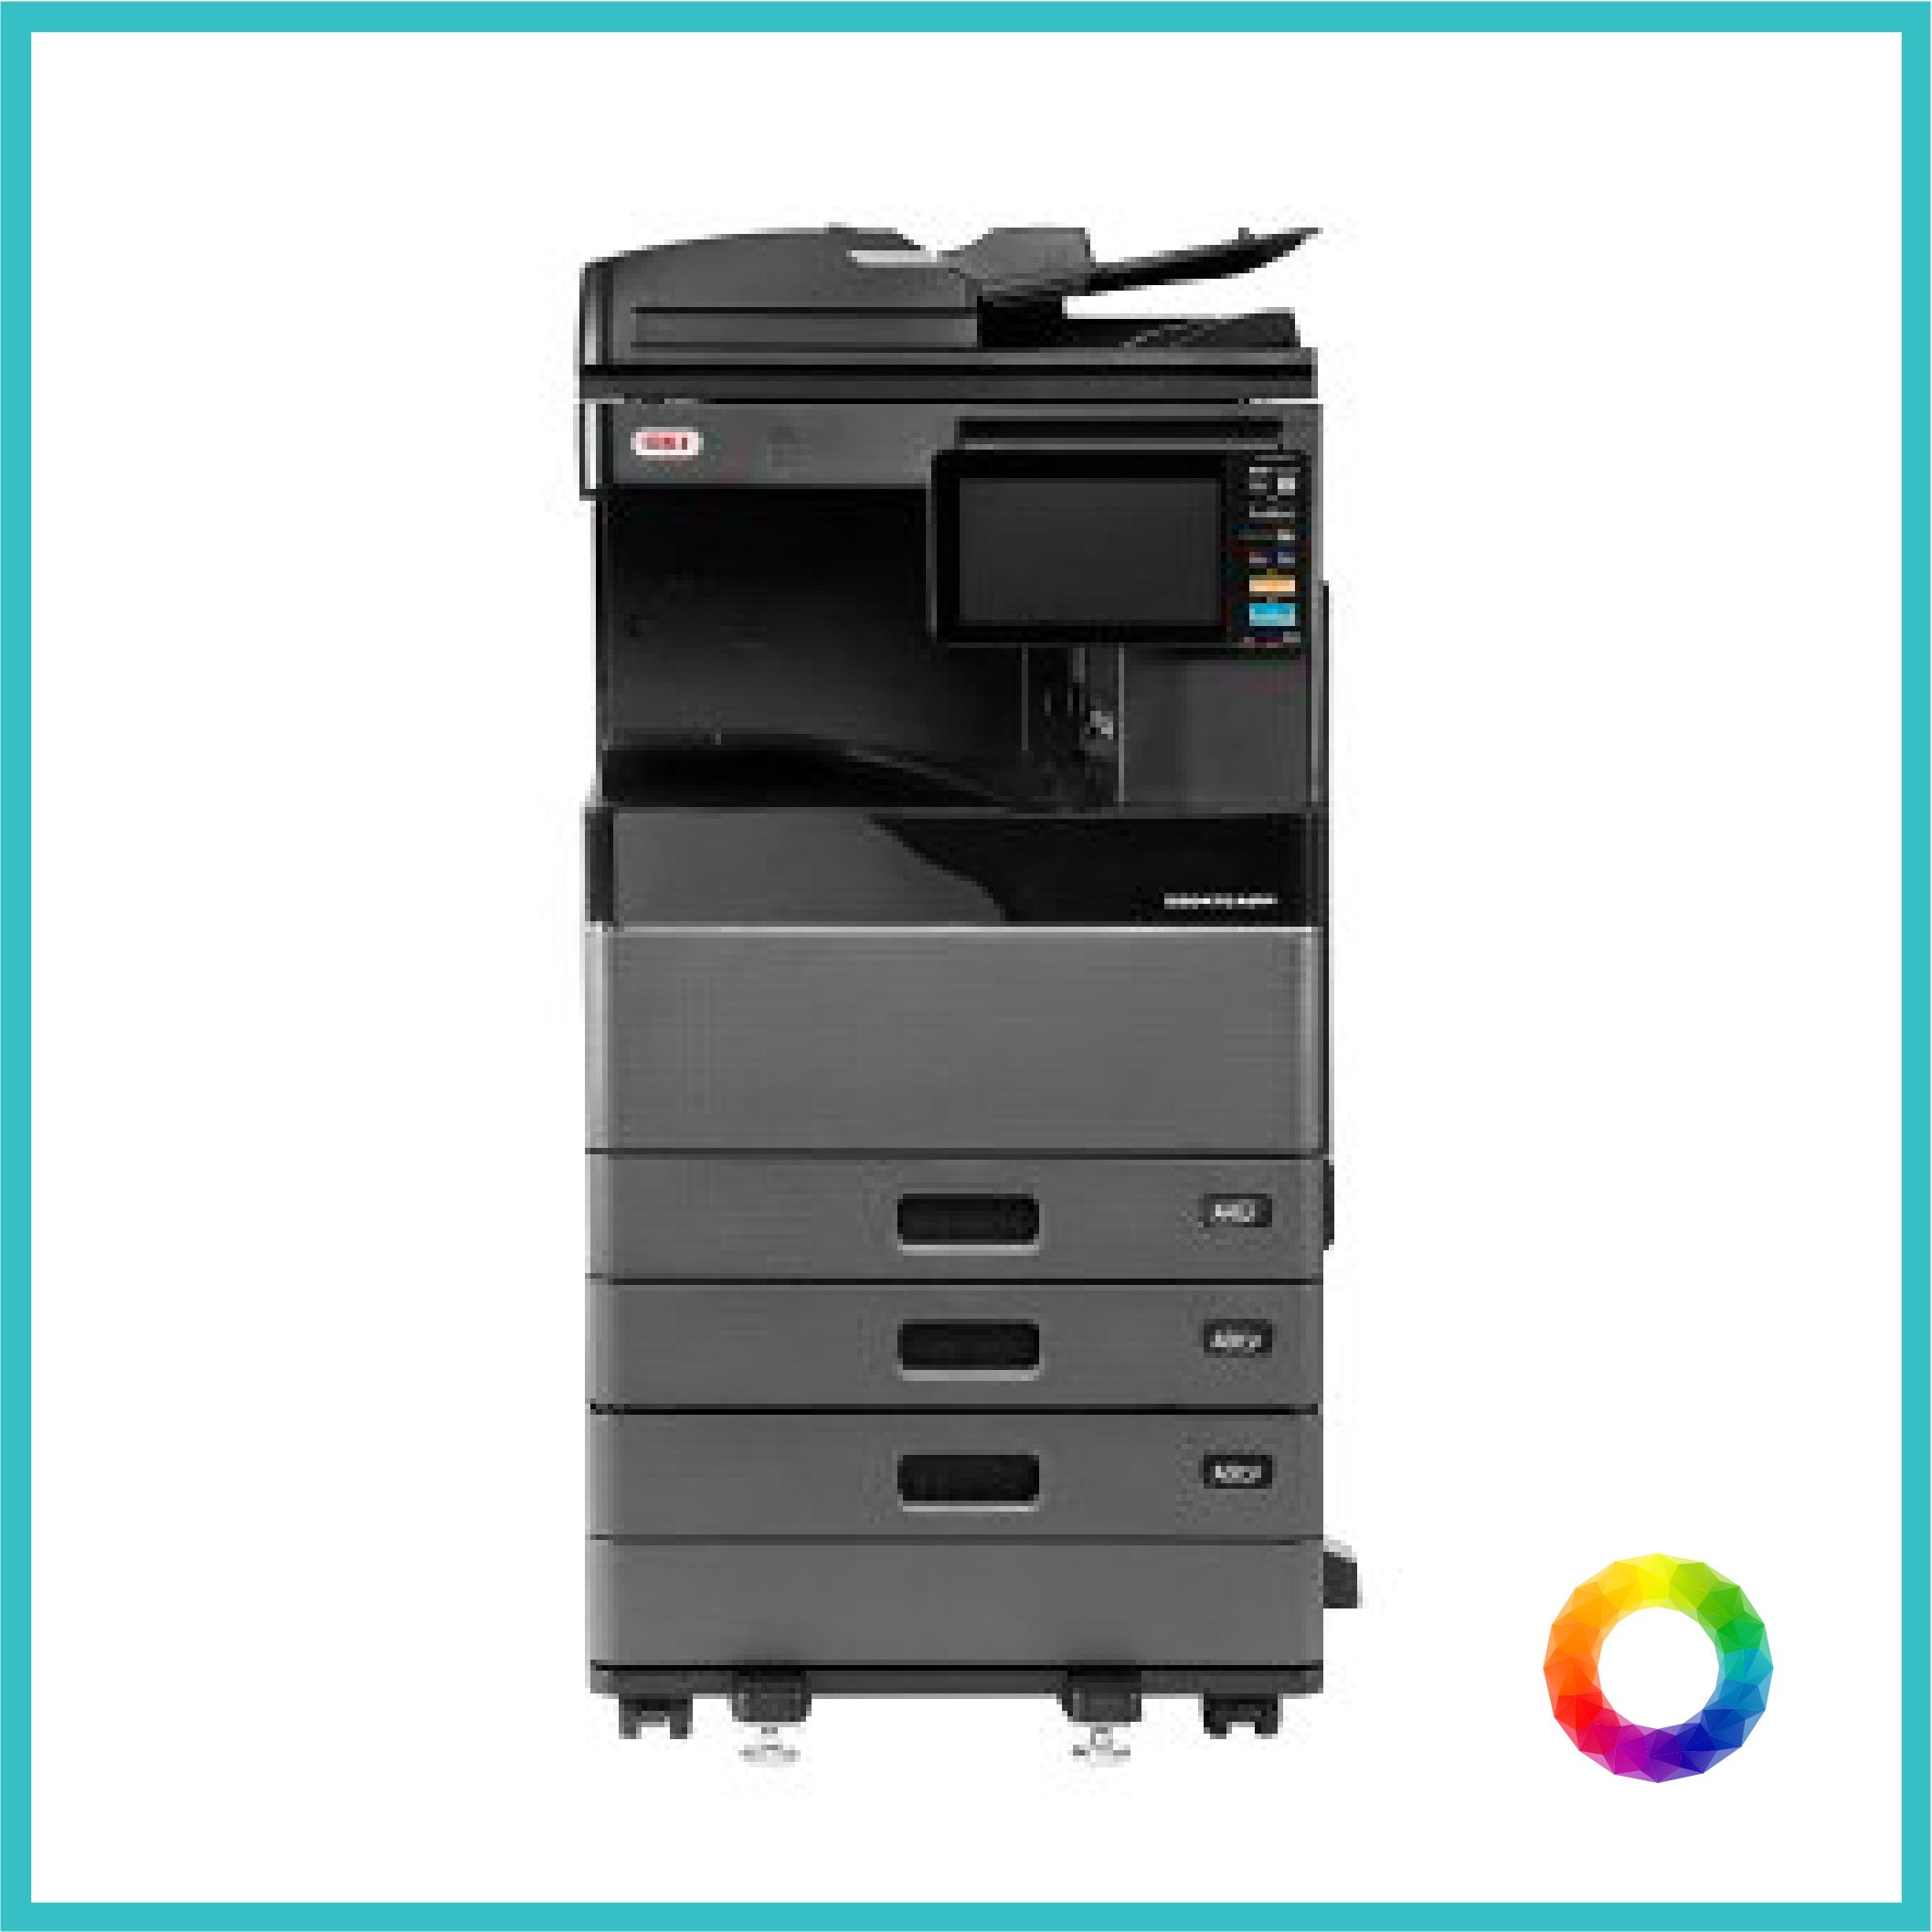 multipurpose OKI ES9476 photocopier